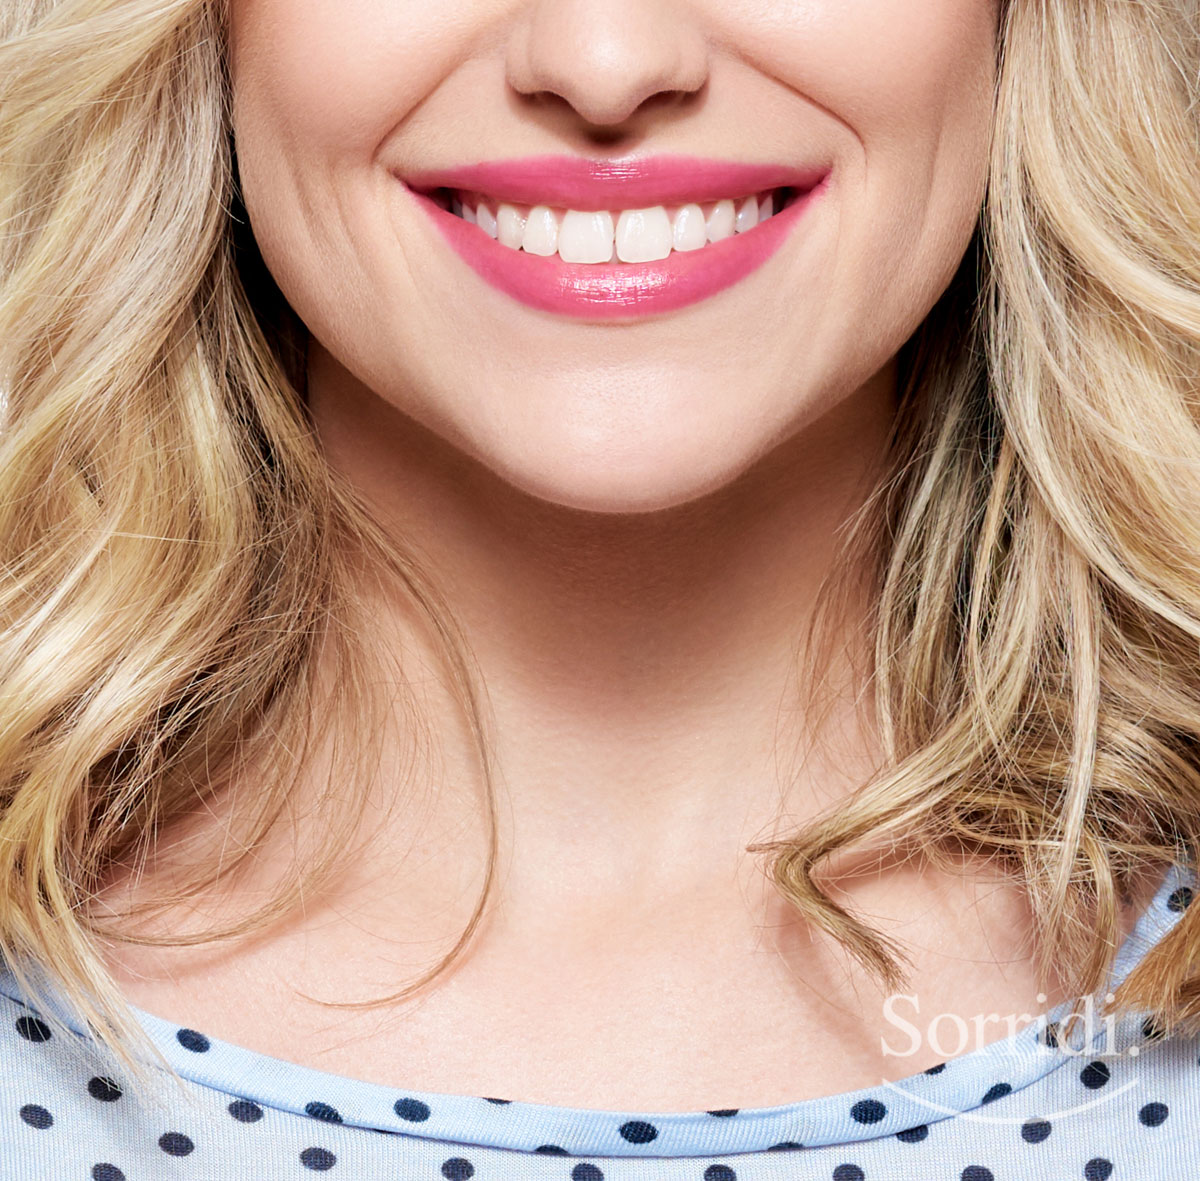 Sorridi-ch-magazine-estetica-dentale-per-migliorare-il-sorriso-velocemente